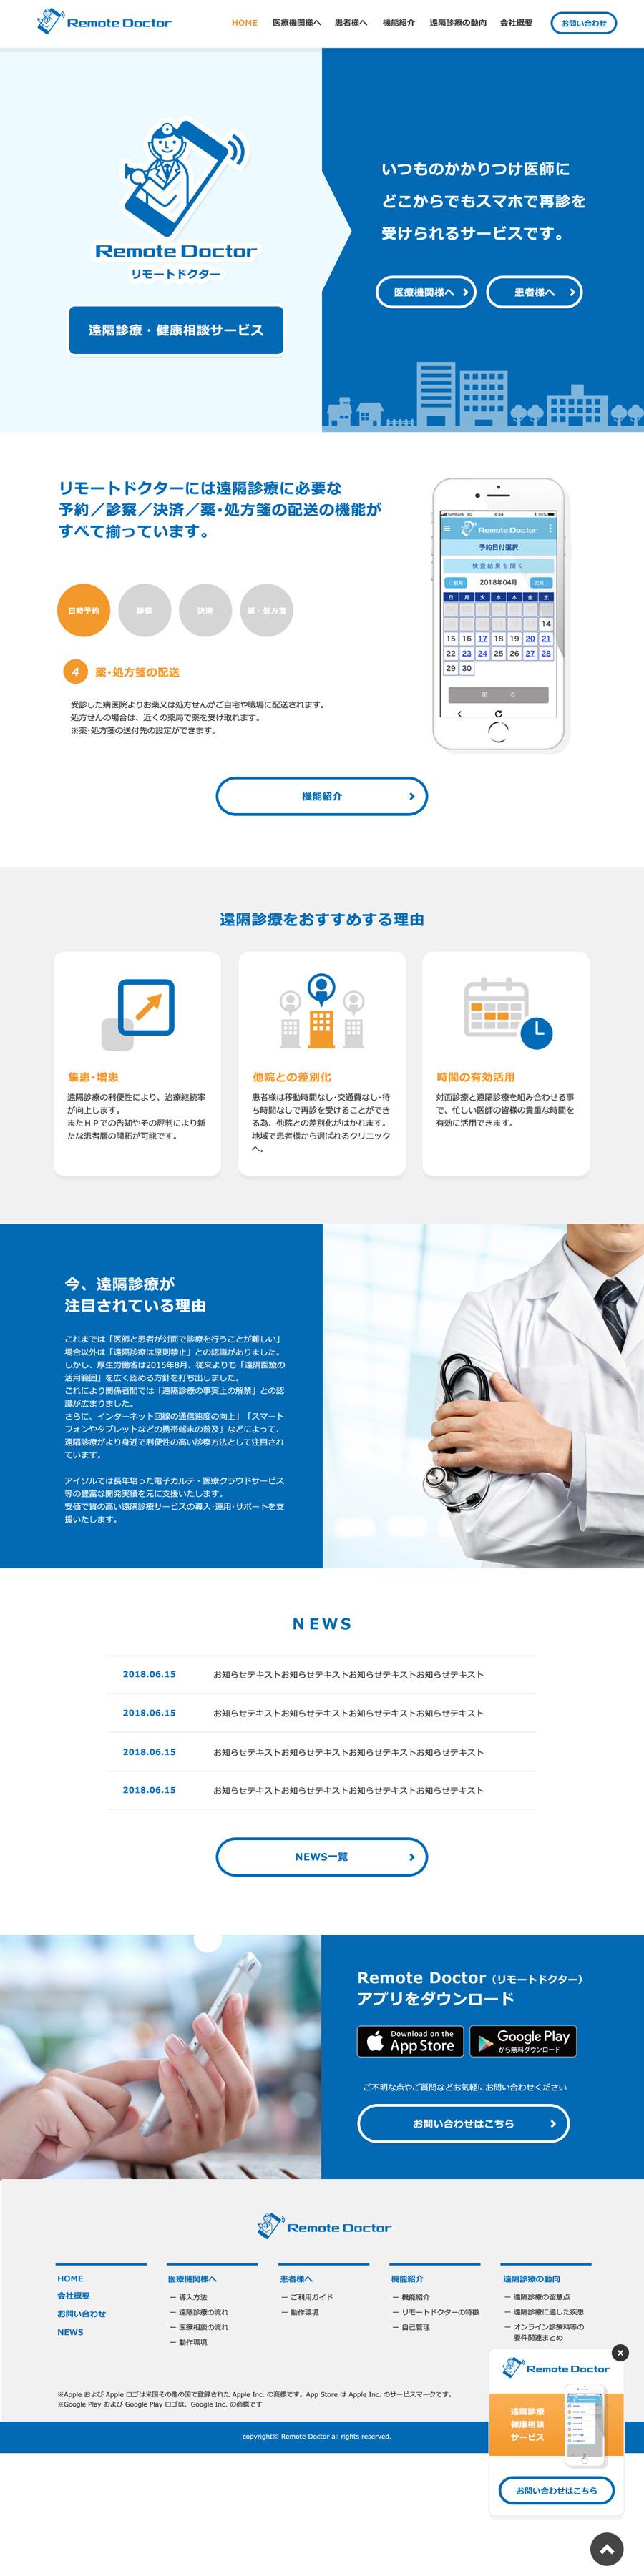 医療系アプリ製品ページ